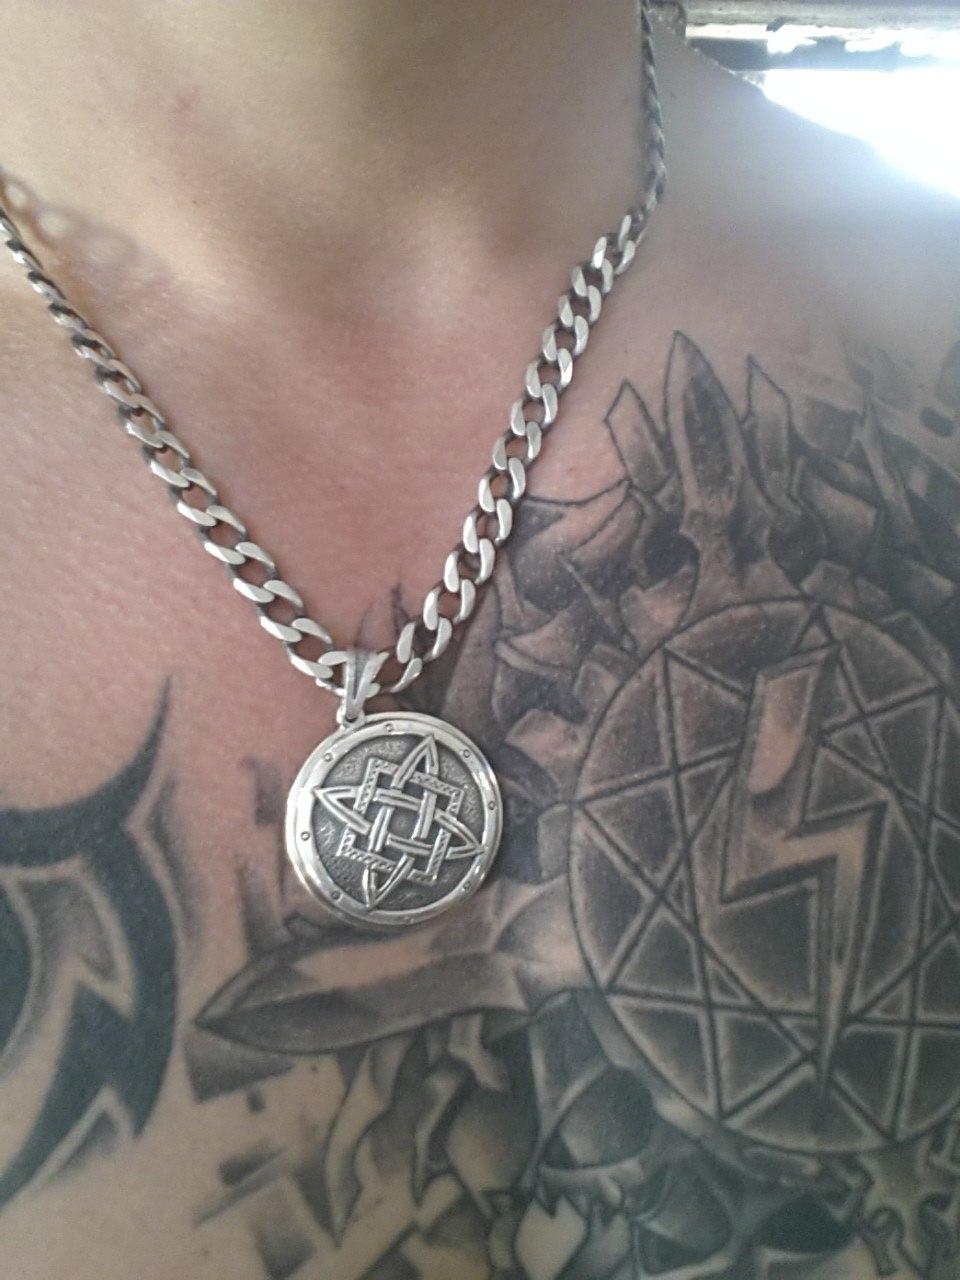 Нео-нацисткий медальон Раменского